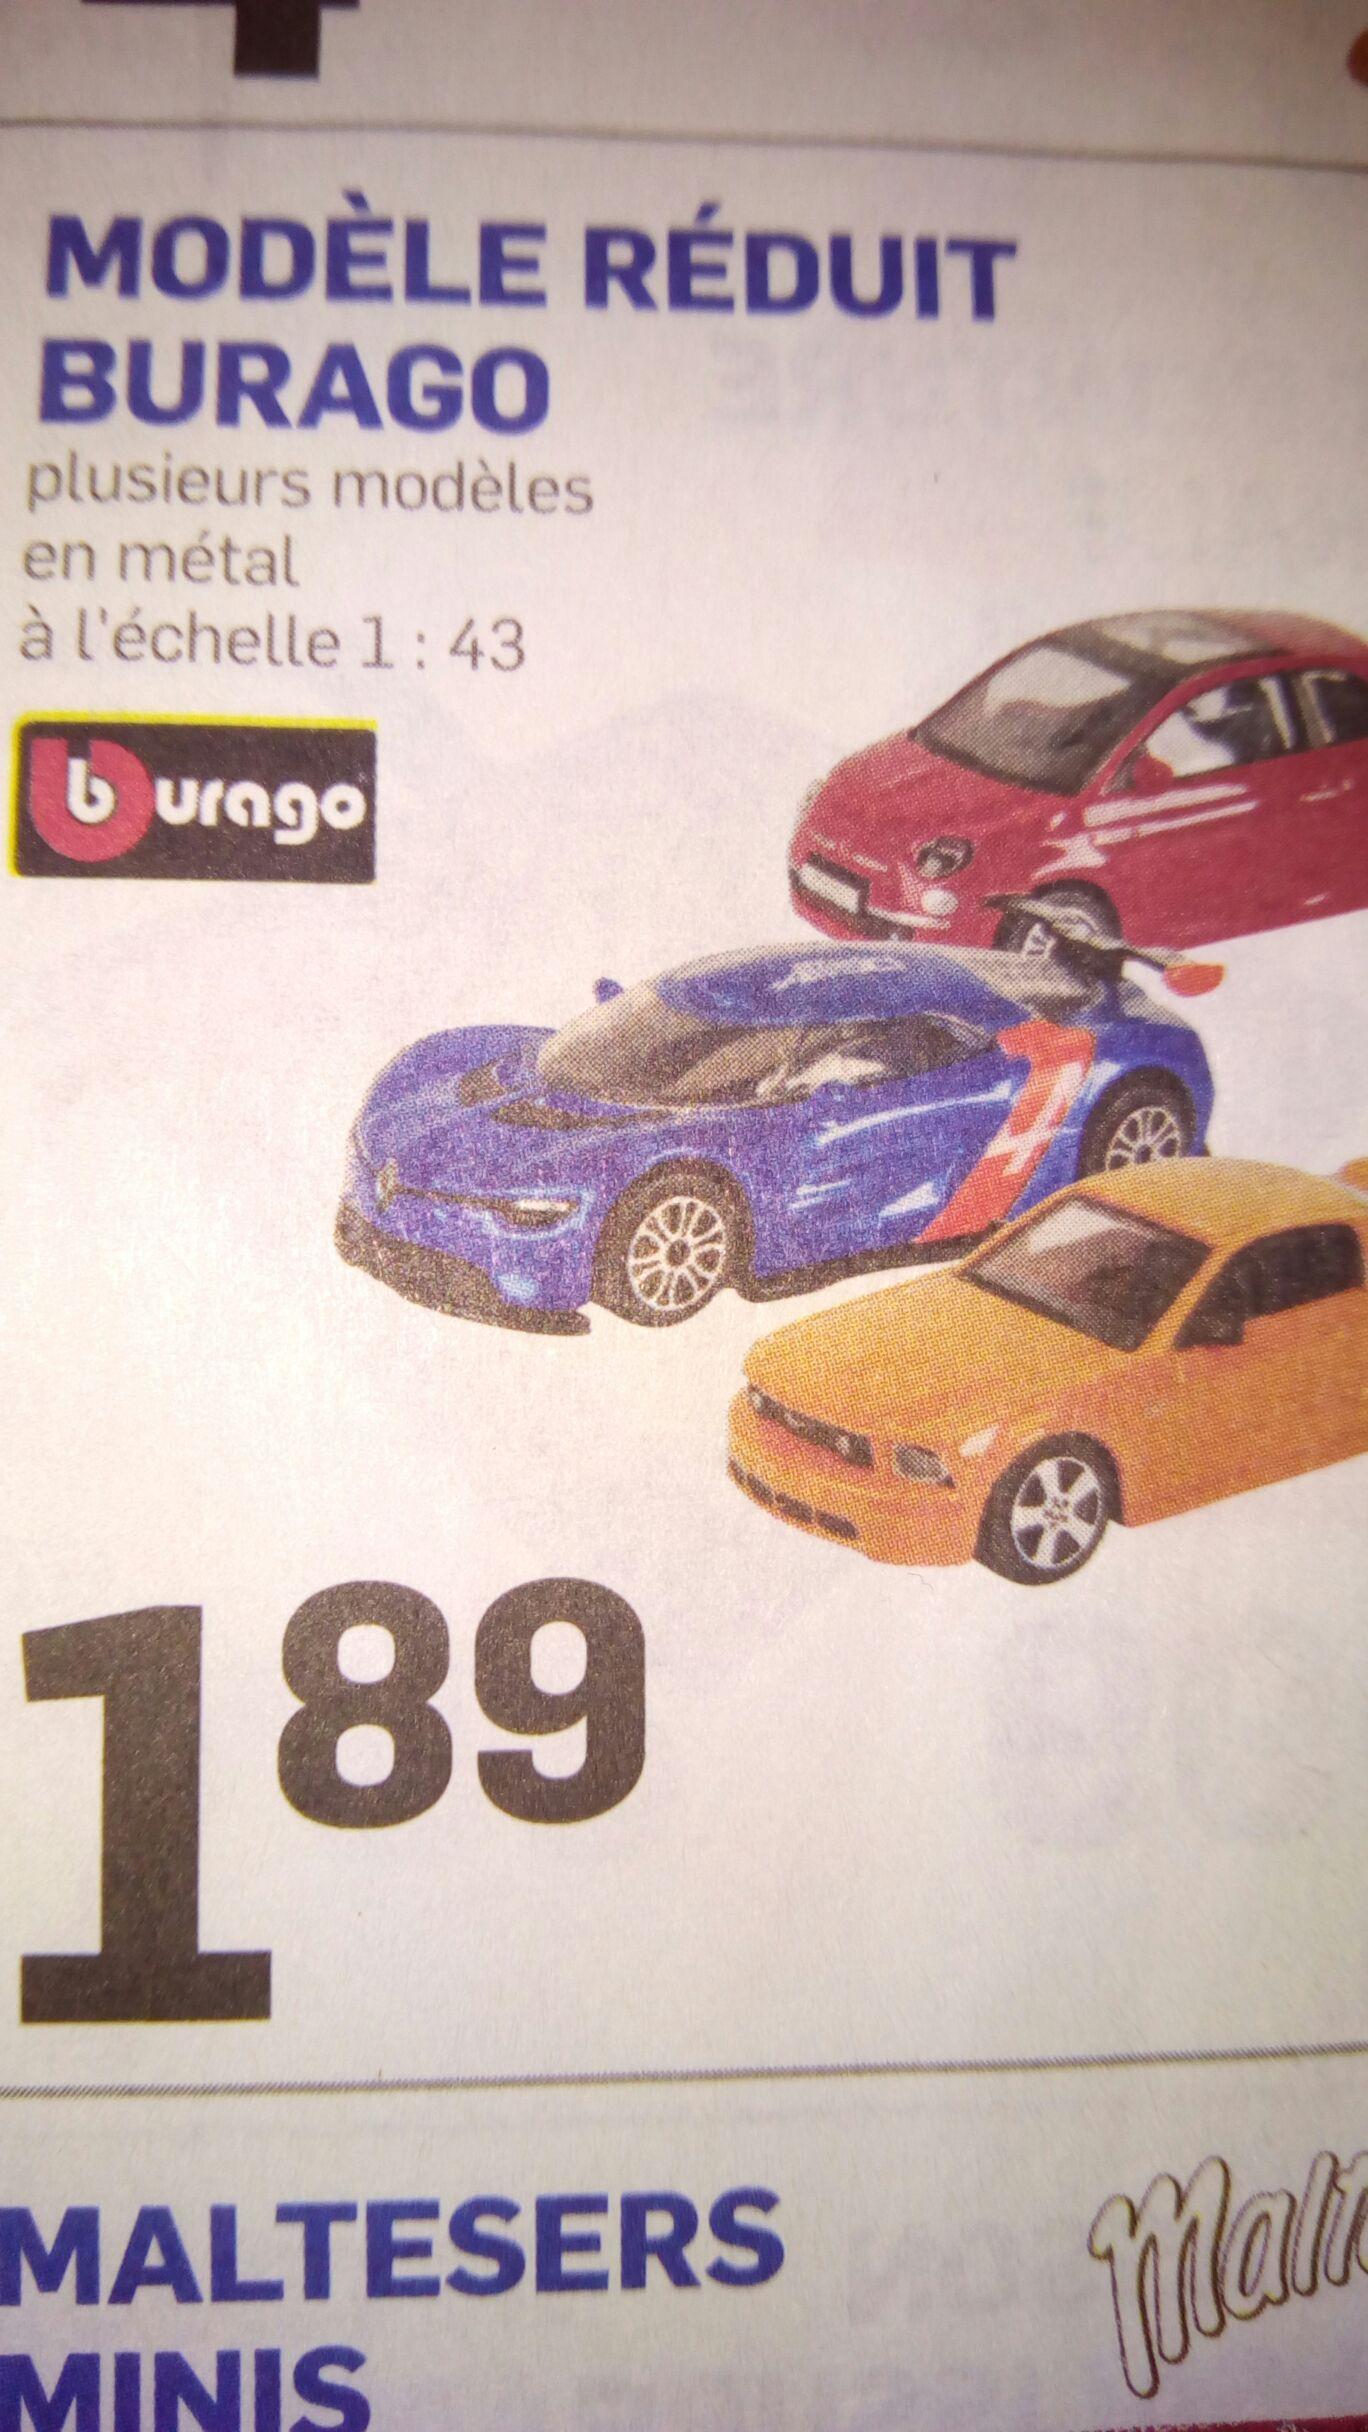 Modèle réduit voiture Burago en métal (Echelle 1:43) - Plusieurs modèles